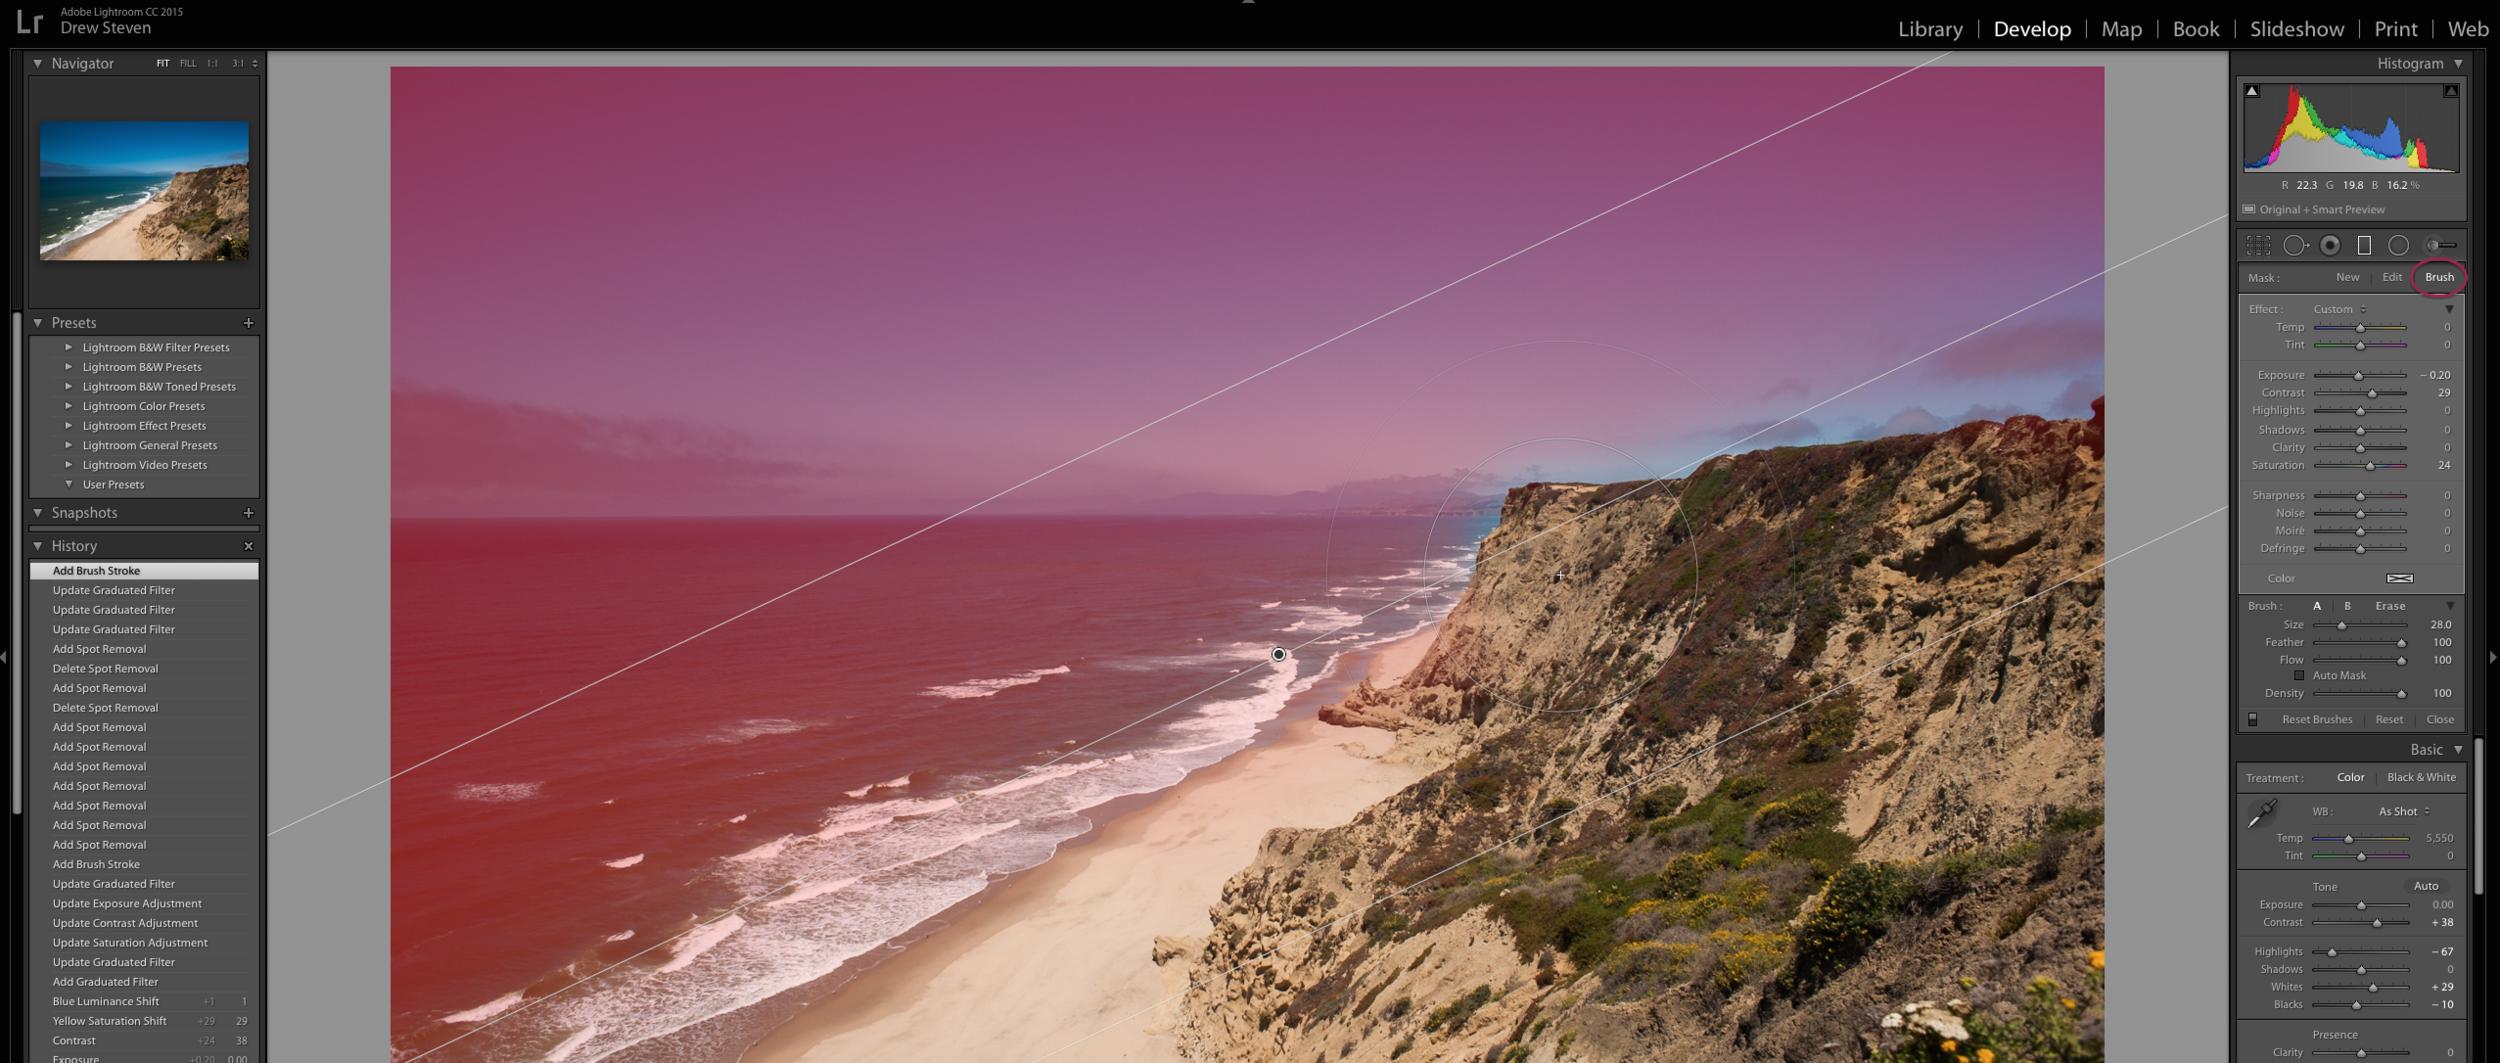 Lightroom CC 6 Adobe Photoshop Filter Brush Edit CA Landscape